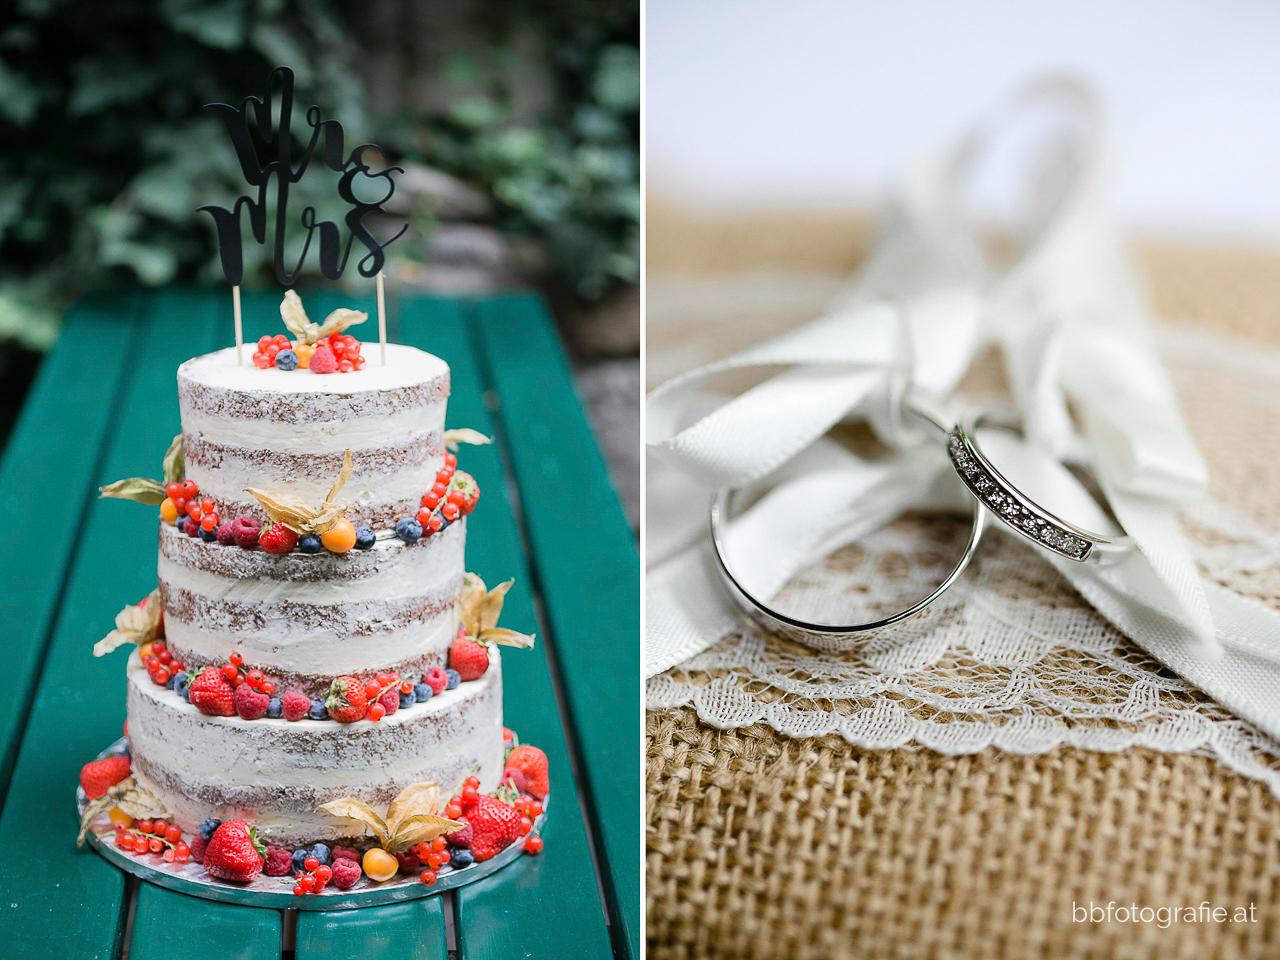 Hochzeitsfotograf, Hochzeitsfotograf Wien, Hochzeitslocation Wien, Hochzeitstorte, Nakedcake, Ringe, Hochzeitslocation Heuriger Wolf, Hochzeit in Neustift, Weinberge, b&b fotografie